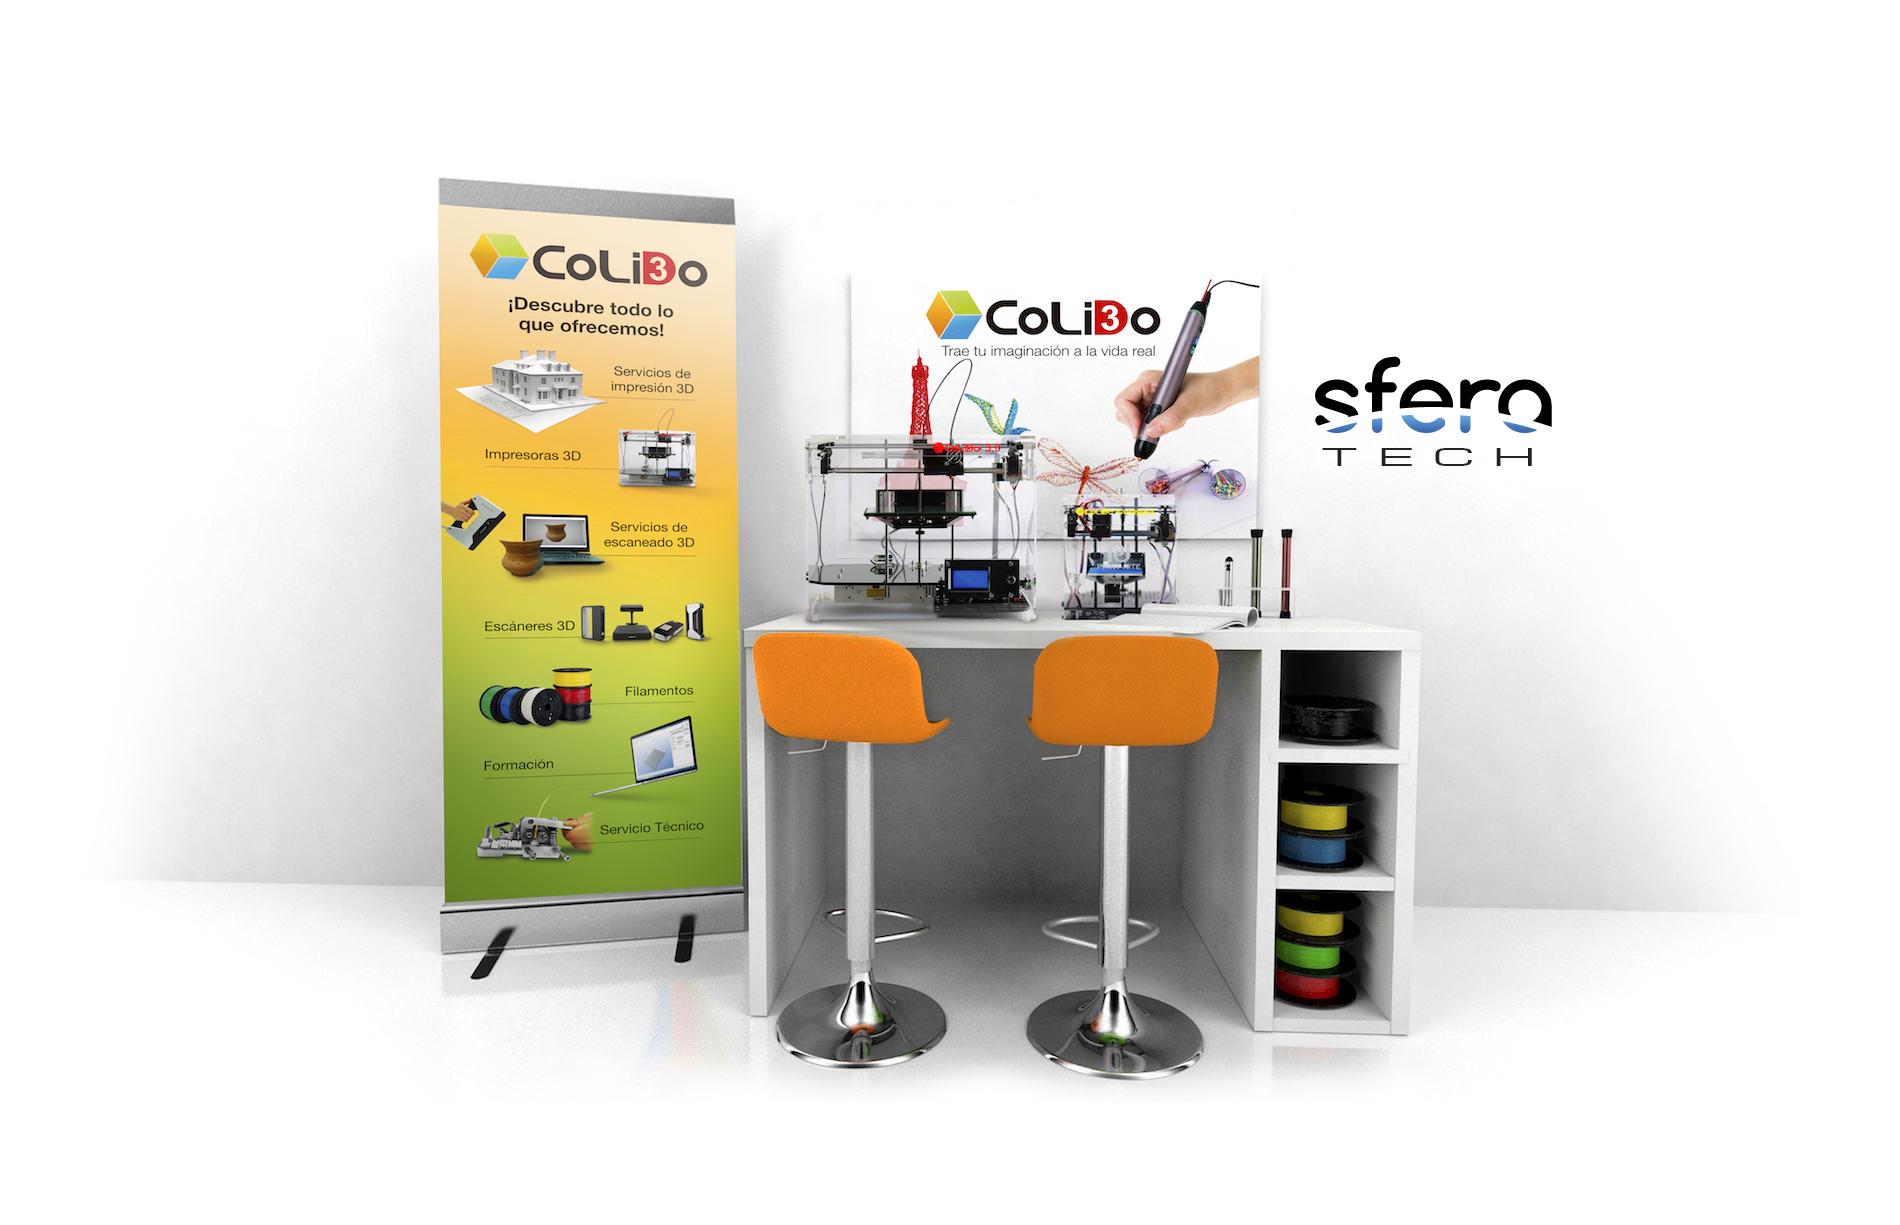 SferaTech, Nuevo Distribuidor Oficial CoLiDo En Huesca